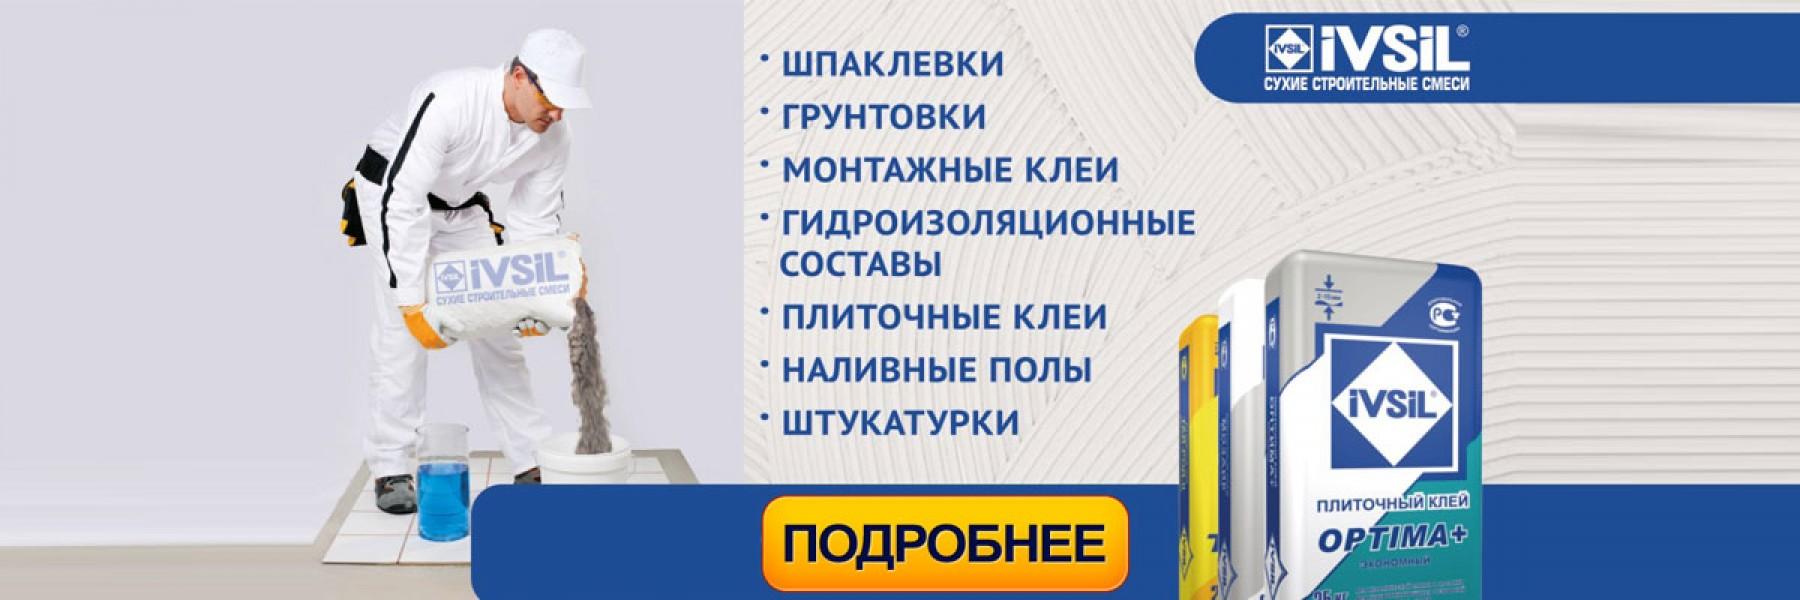 Ивсил